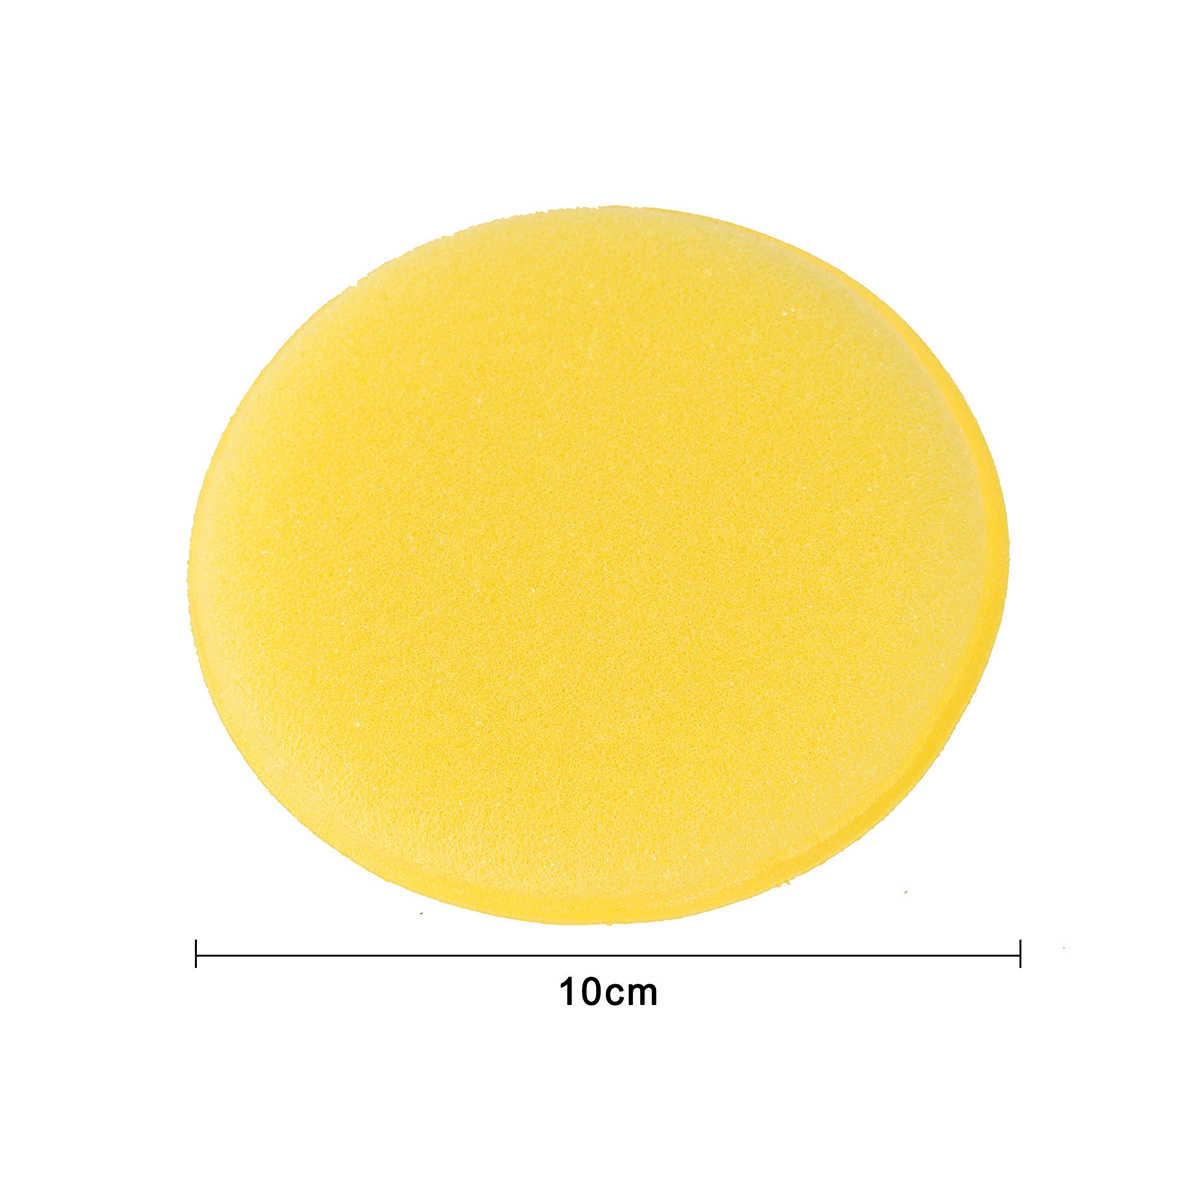 12 قطعة الصبح الأصفر شمع ملمع منصات رغوة الإسفنج قضيب السيارات السيارات الزجاج نظيفة